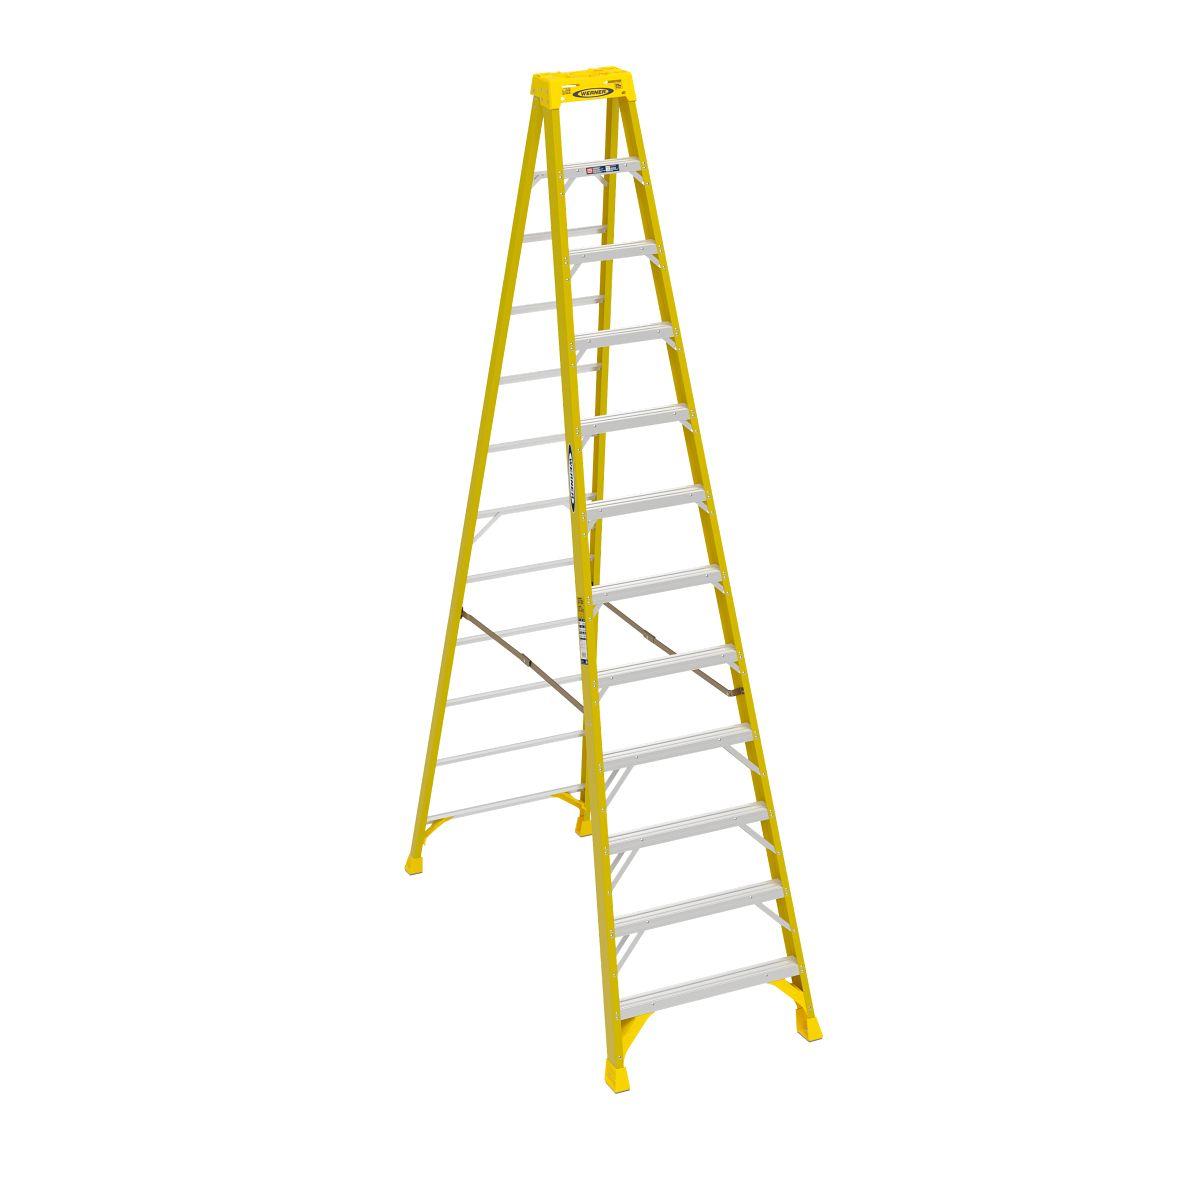 6312 Step Ladders Werner Us